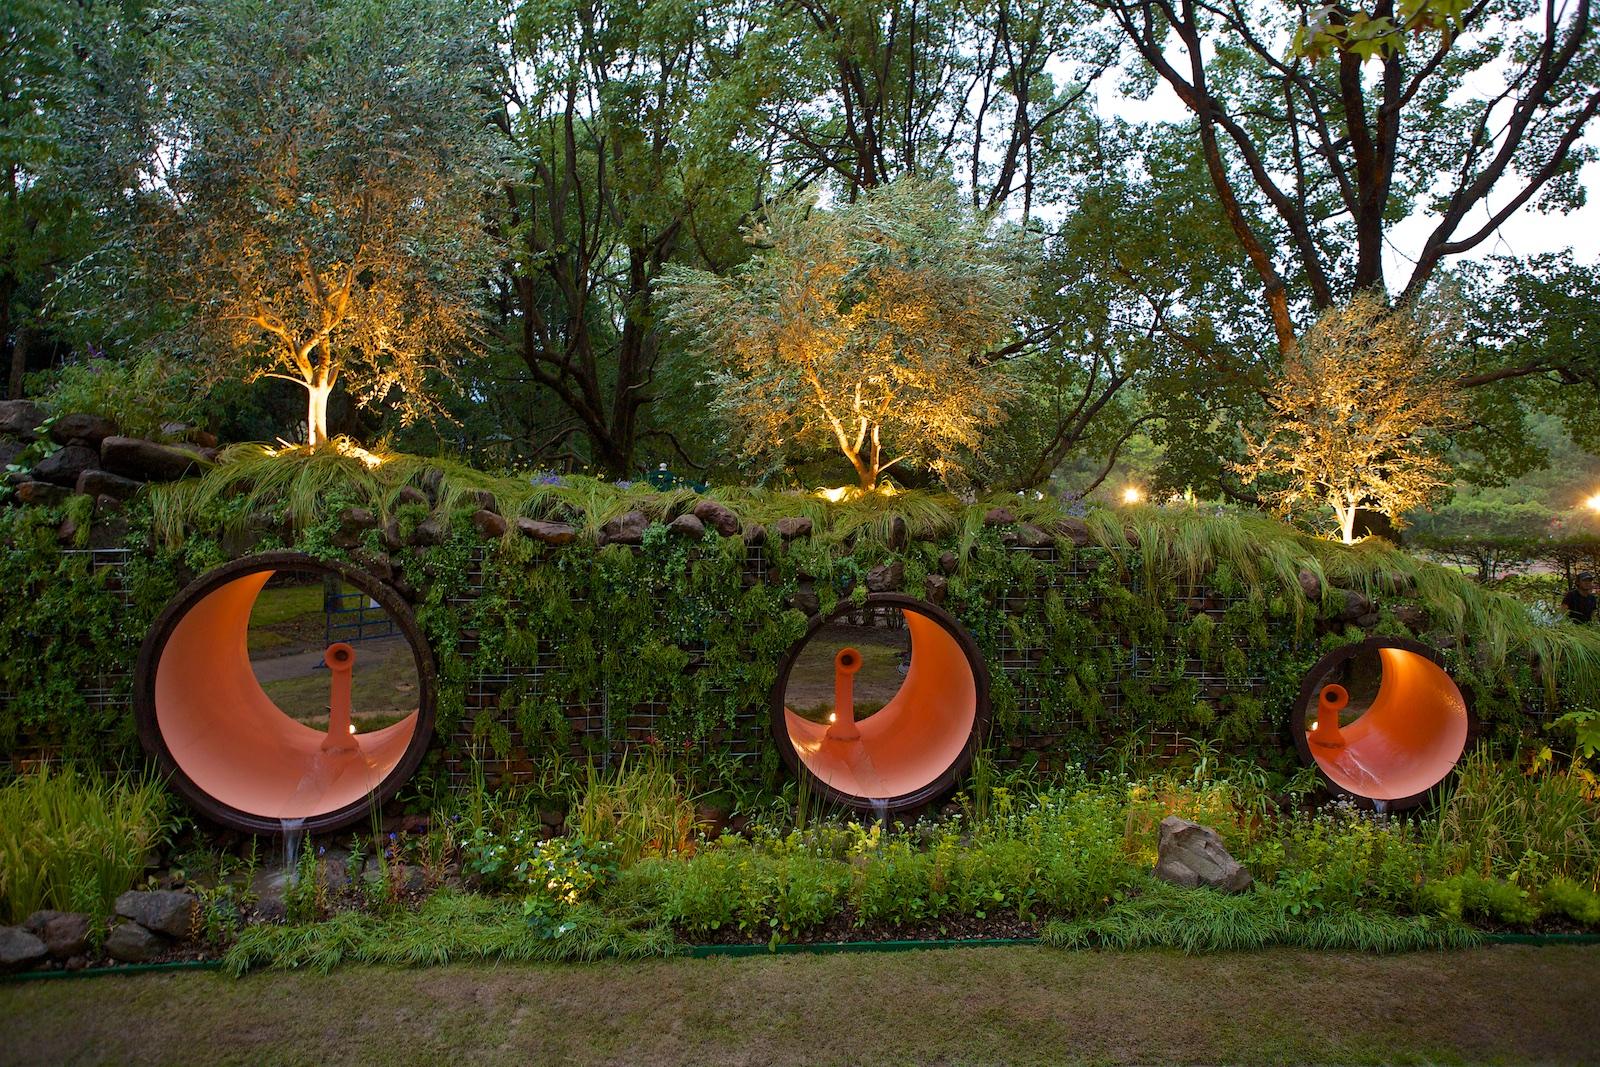 L arte dei giardini per riavvicinare l uomo alla natura - Arte e giardino ...